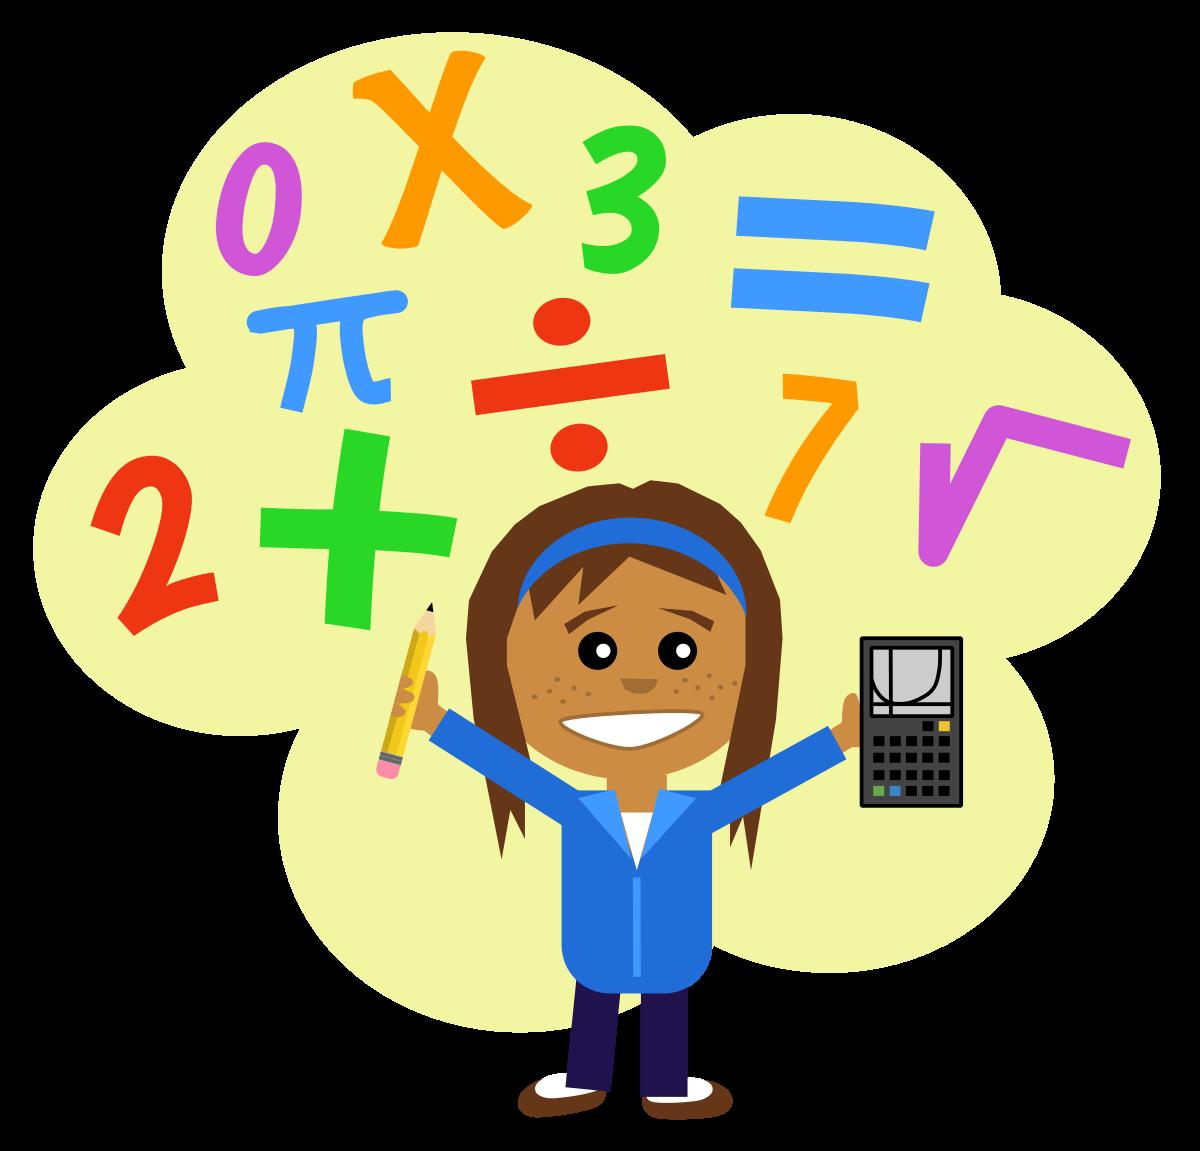 نموذج من عمل تحضير ببوابة المستقبل مادة الرياضيات